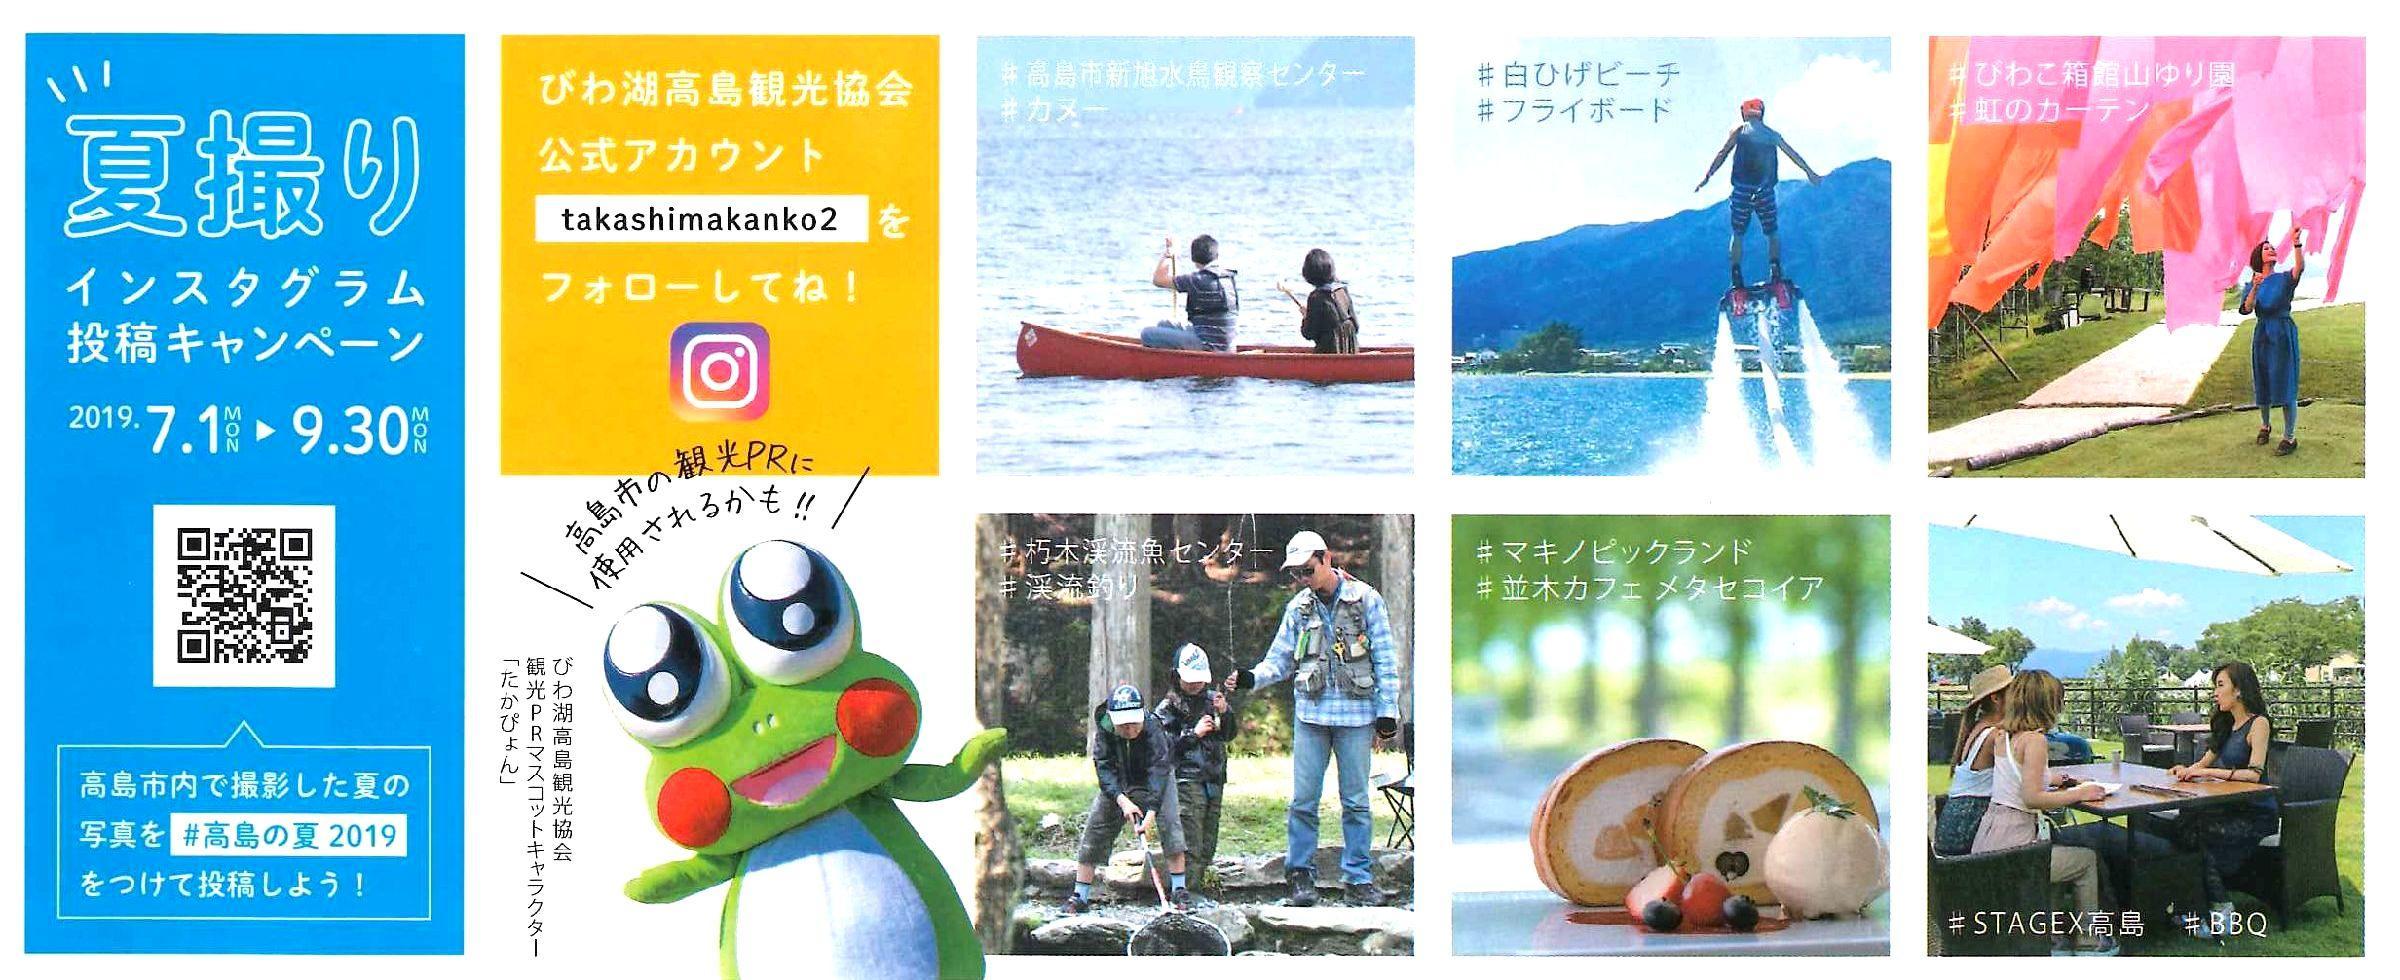 夏撮りインスタグラム「#高島の夏2019」投稿キャンペーン